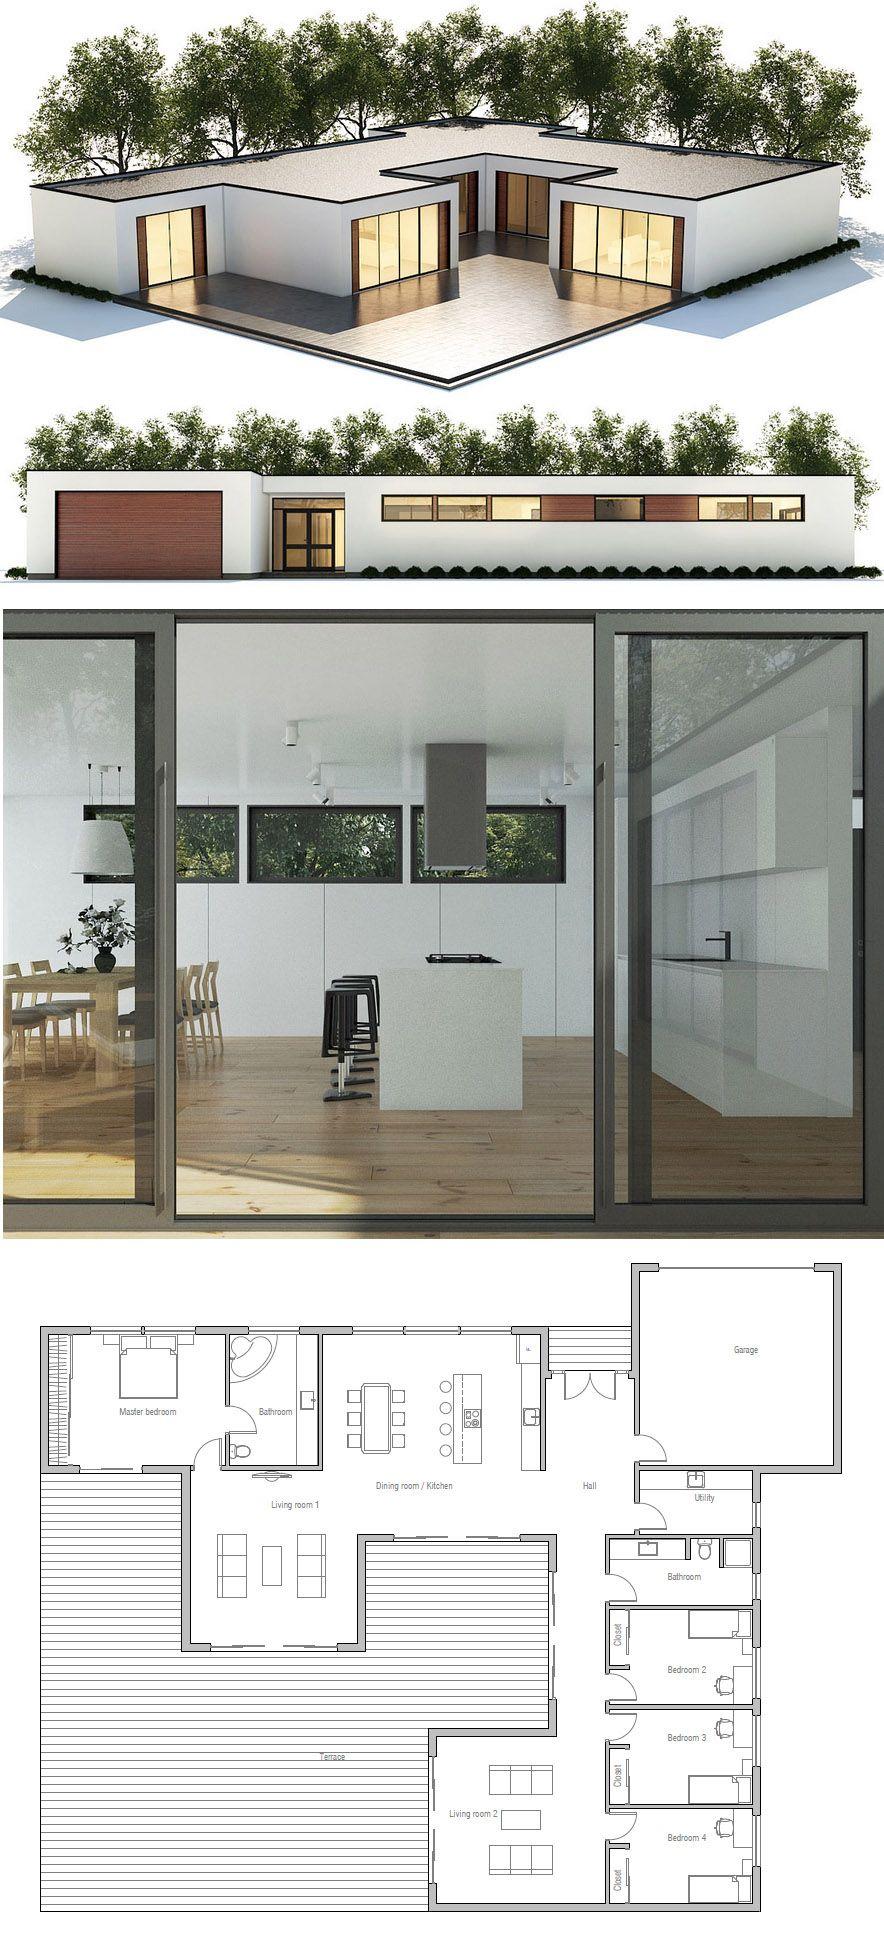 kleines Haus Hausplan moderne Architektur u2026